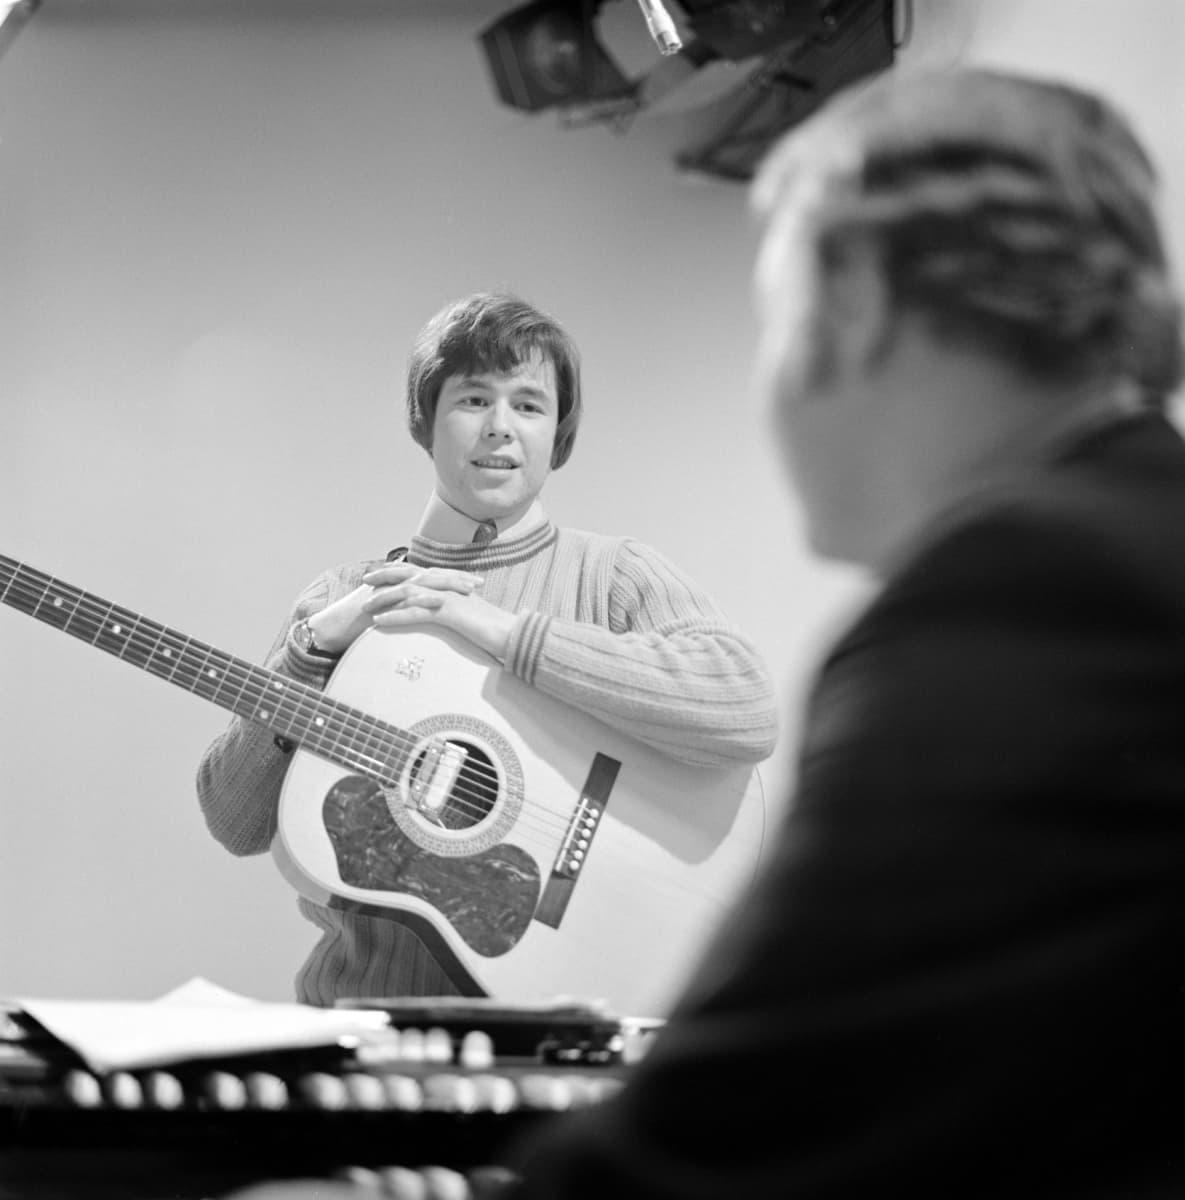 """Yleisradion televisio-ohjelma """"Popmessu. Pop-messu"""". Timo Ruottinen (kitara) ja Risto Hiltunen (urut)."""